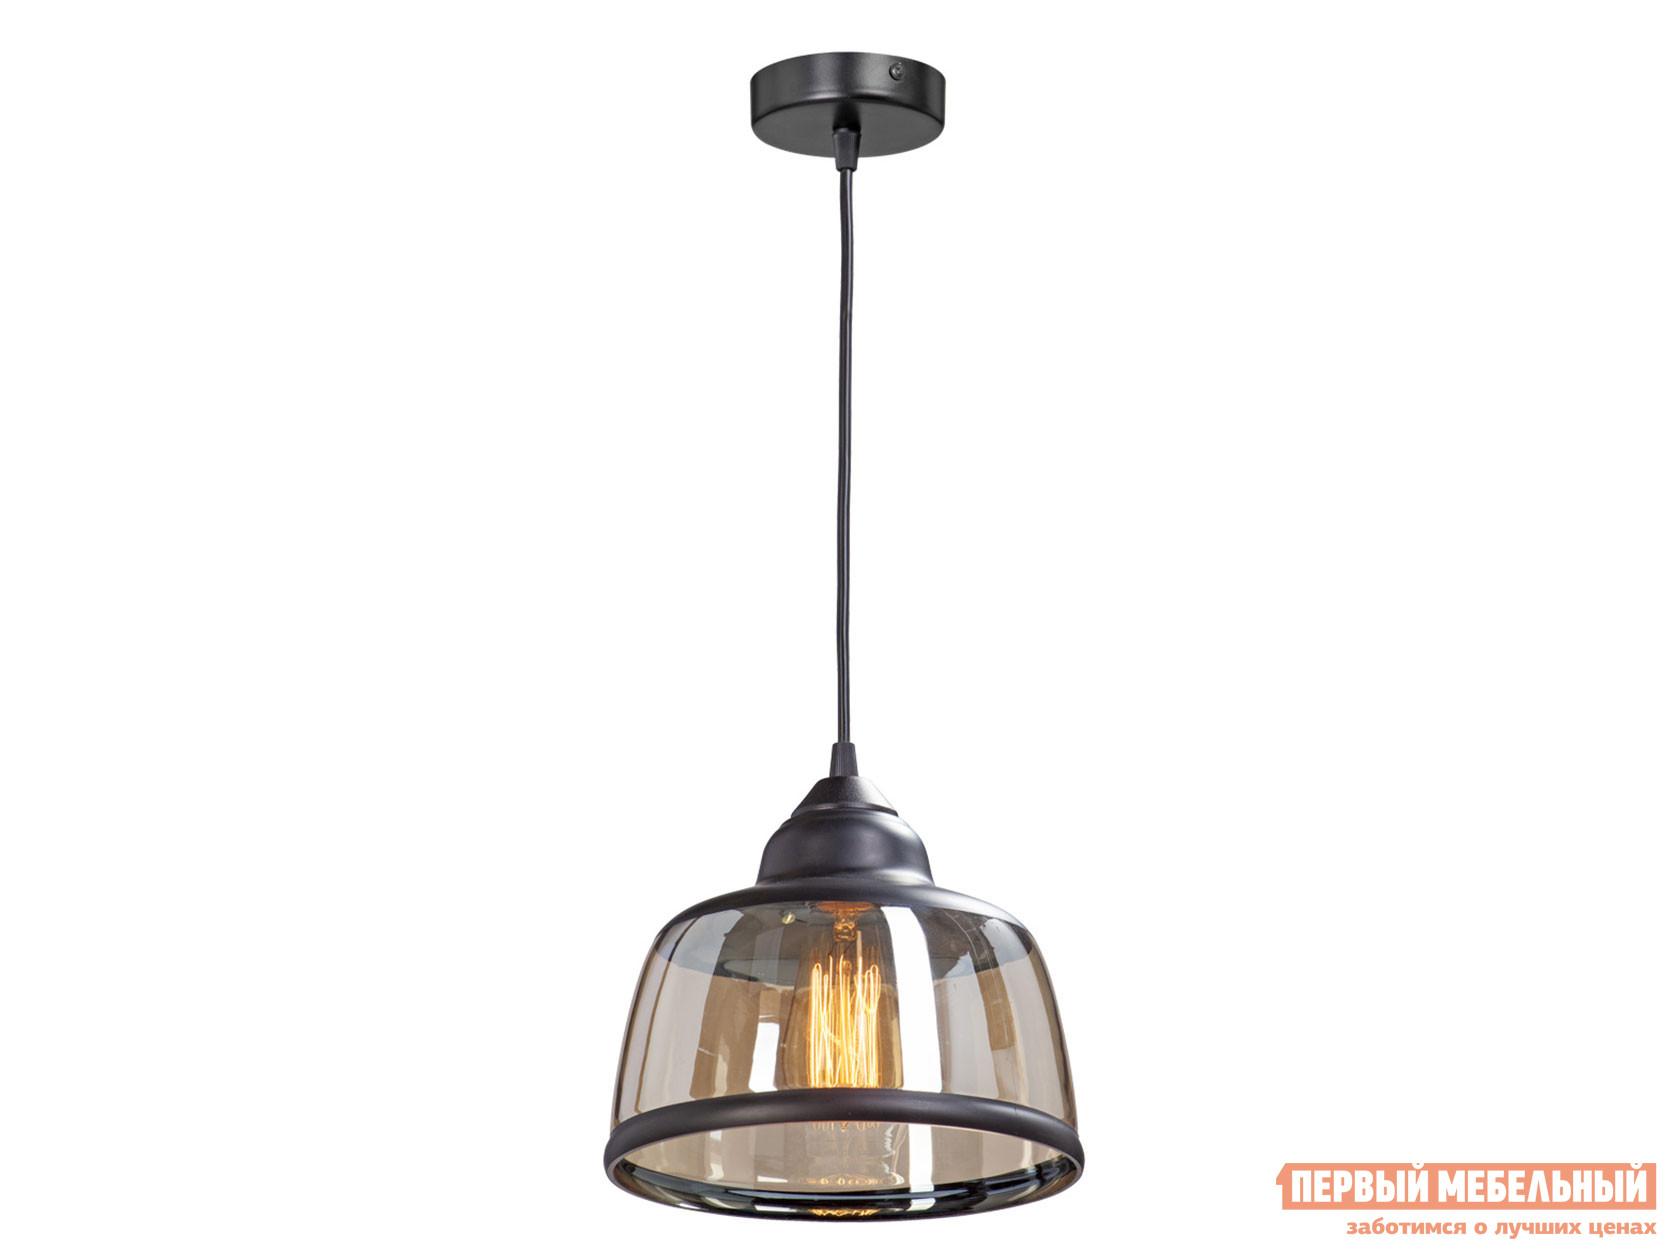 Подвесной светильник КСК-электро Люстра V4531-1/1S